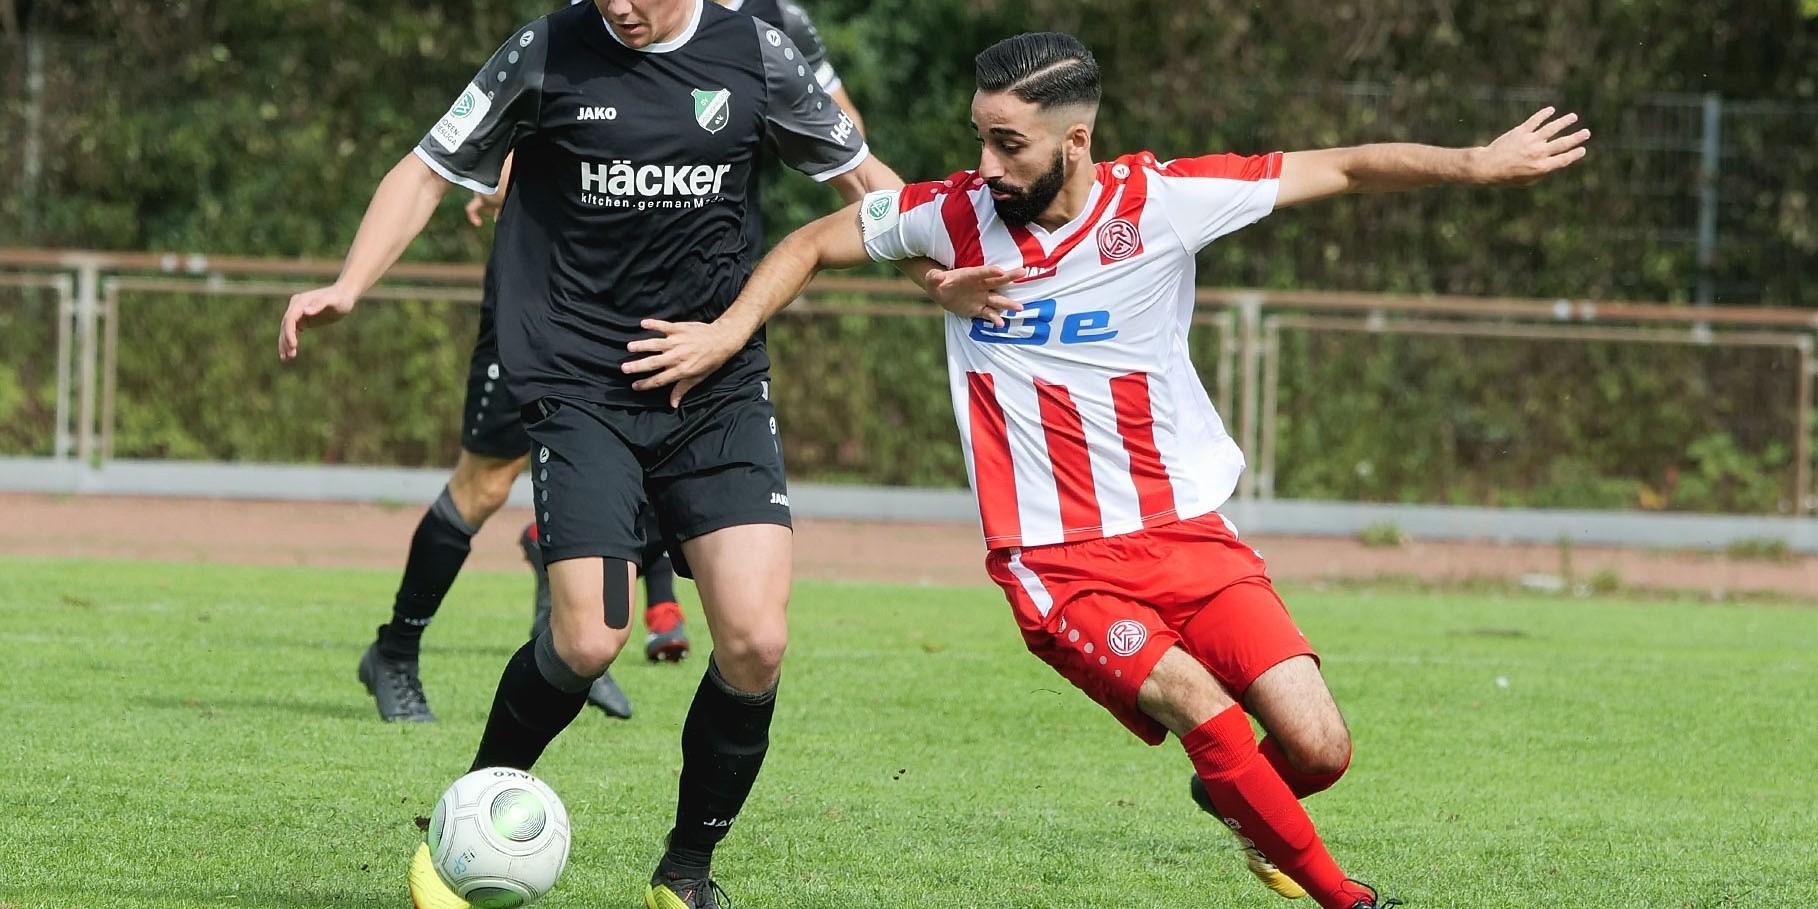 Gegen Rödinghausen mussten sich die Rot-Weissen mit 0:2 geschlagen geben. (Foto: Gohl)